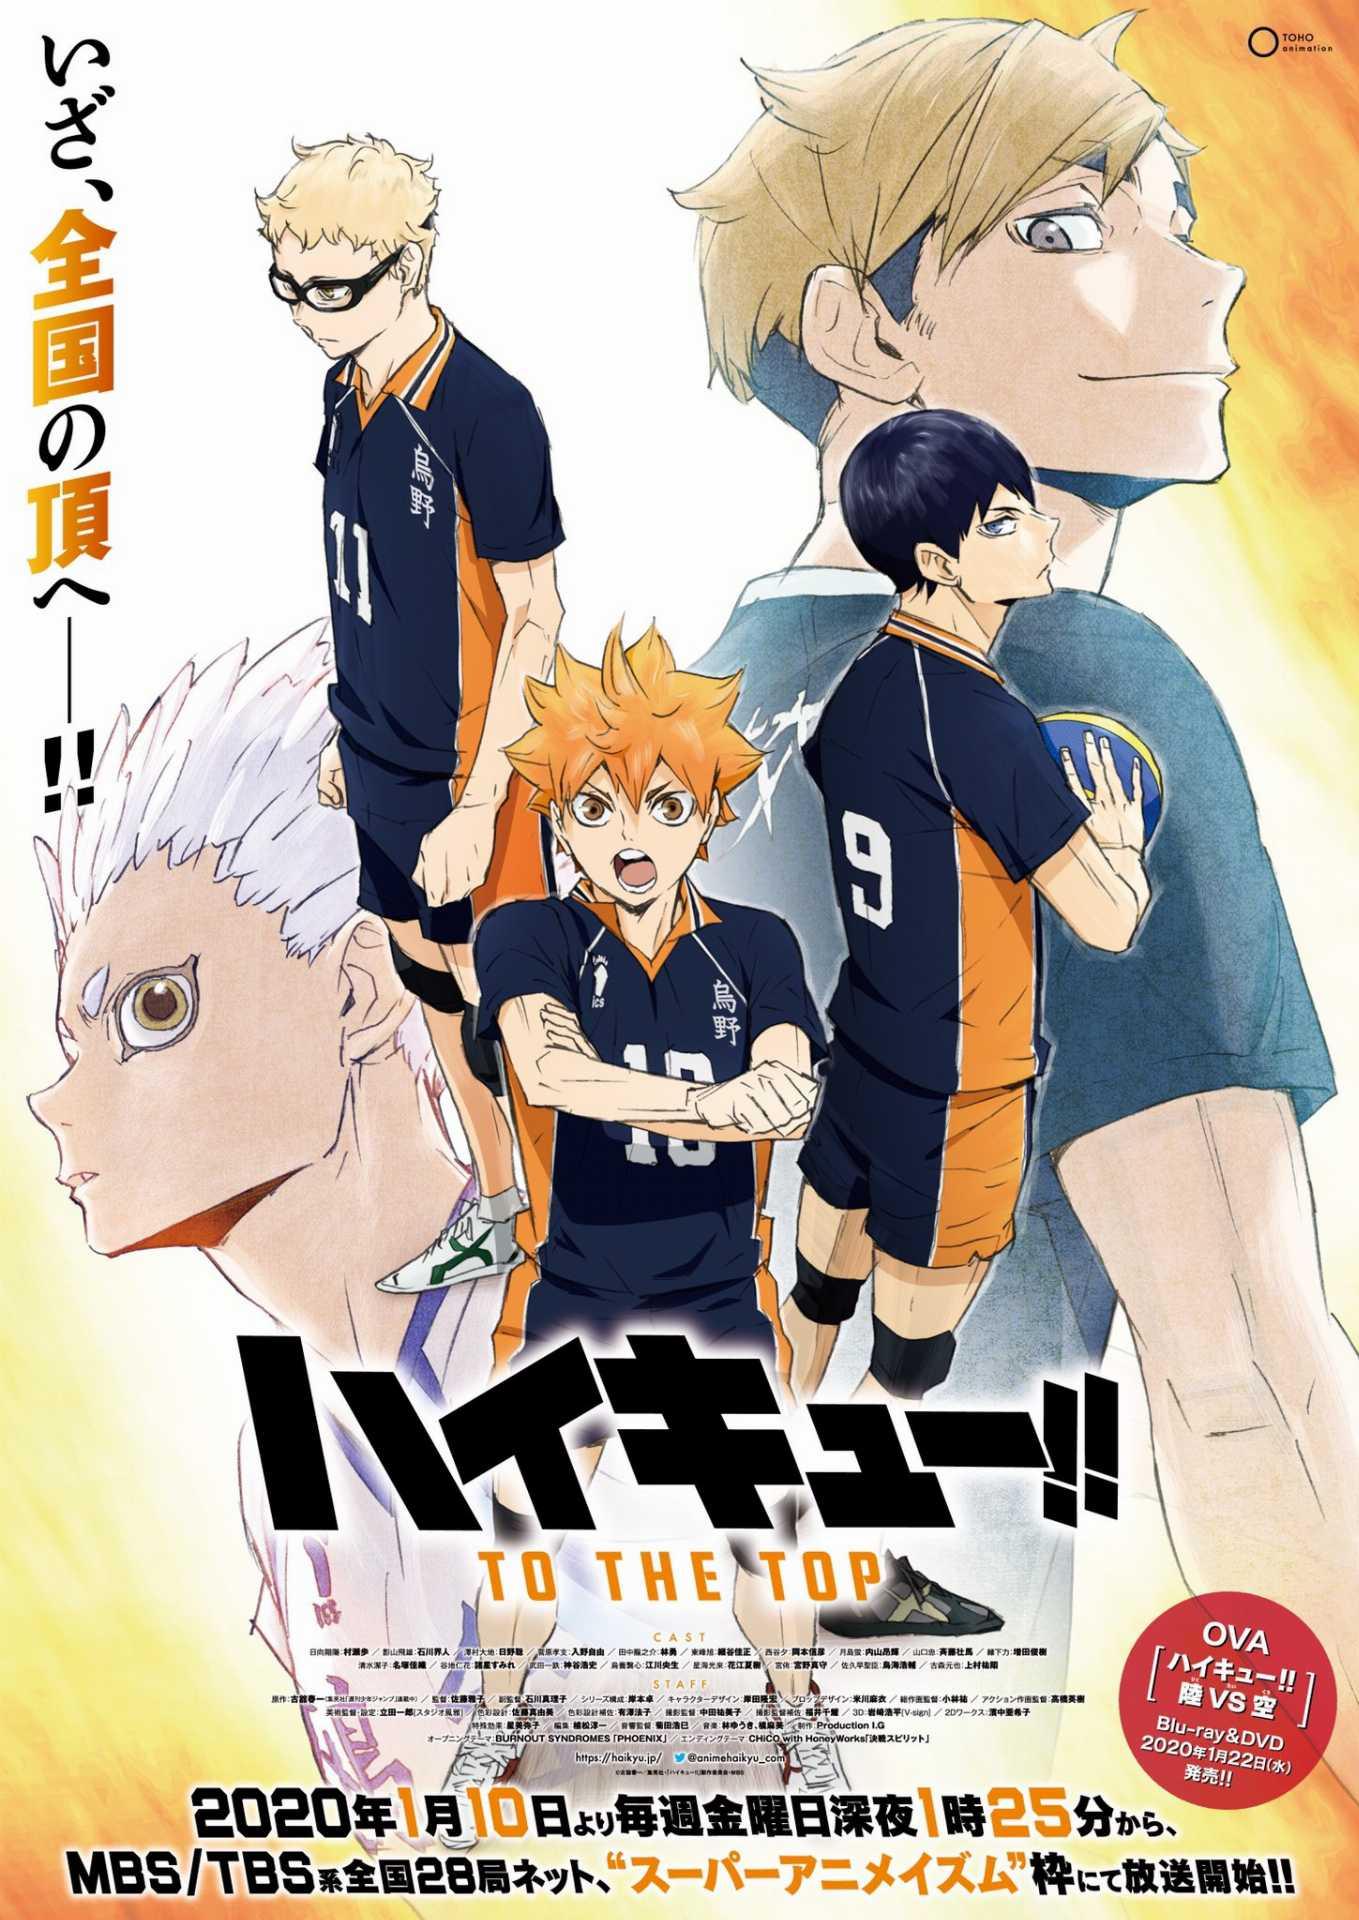 【新番】电视动画《排球少年》第四季将于2020年1月10日开播!